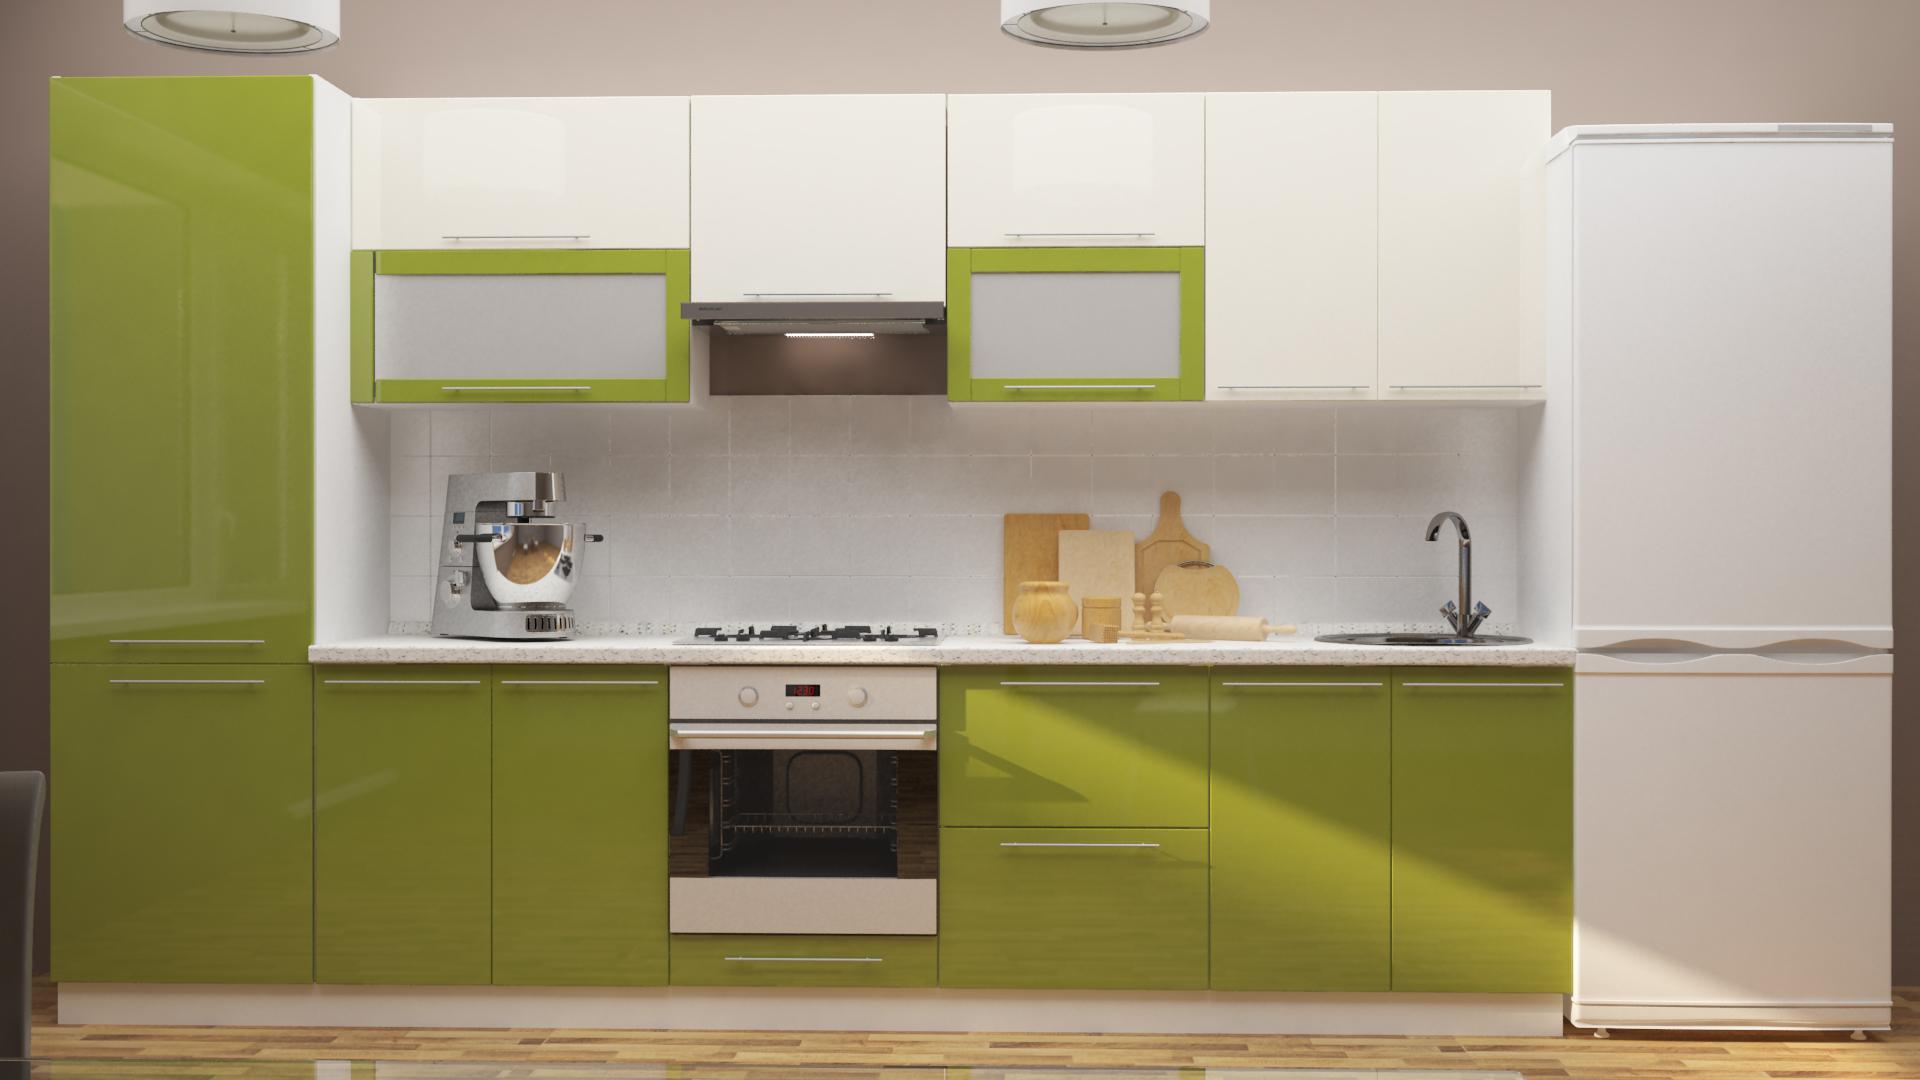 Модульный кухонный гарнитур Оливия кухонный гарнитур трия оливия 240 см